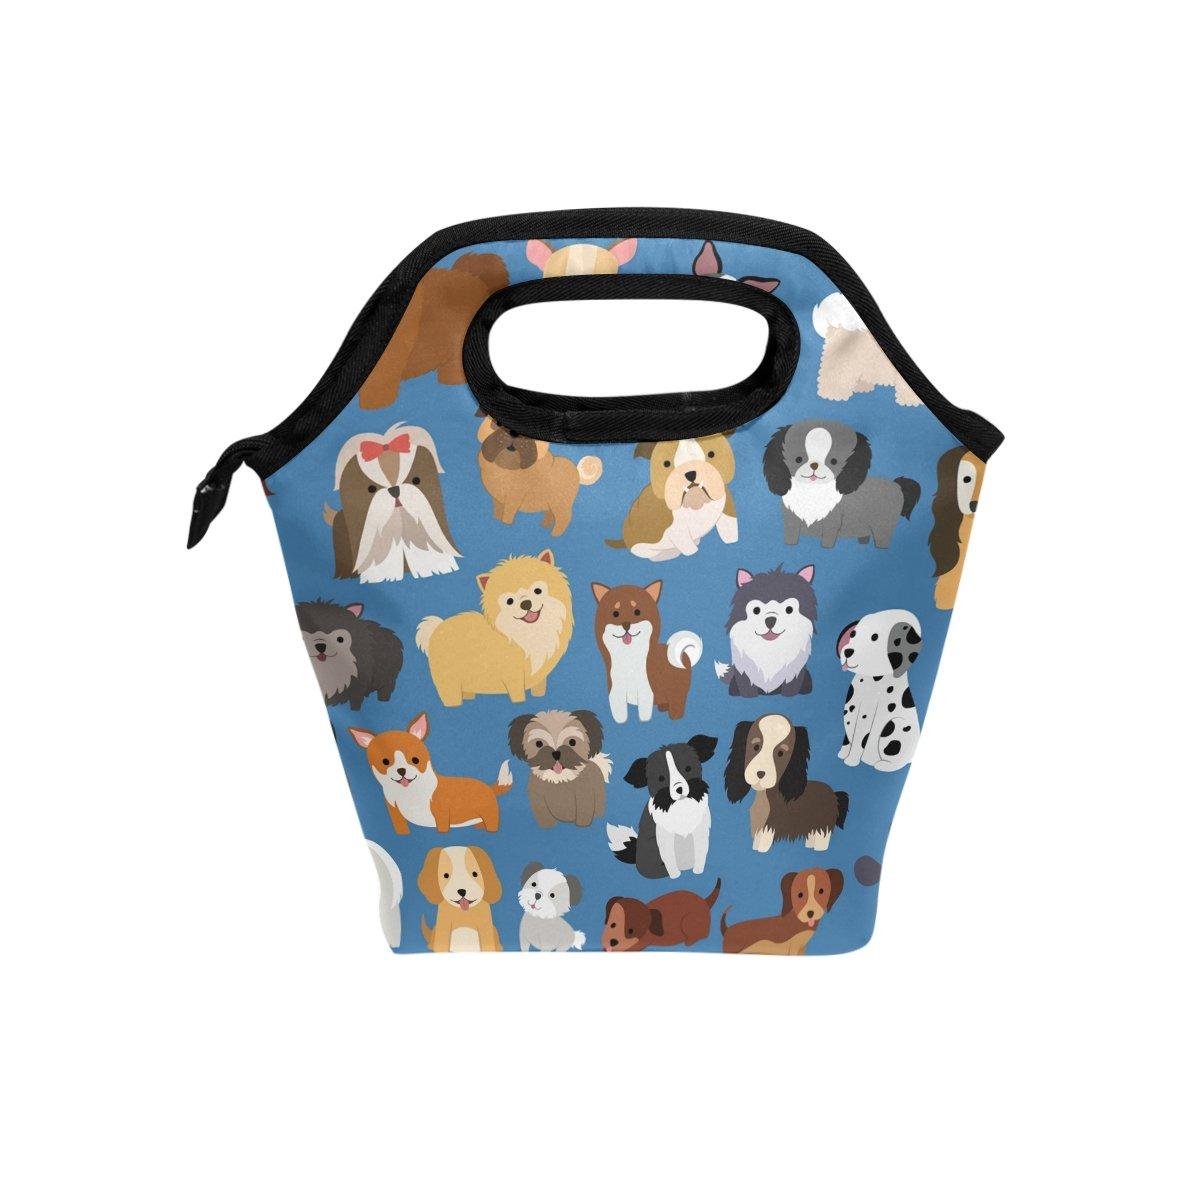 Naanle simpatico cane e cucciolo borsa termica per il pranzo in tela con cerniera Cooler Tote bag per adulti adolescenti bambina bambino unisex, Animal Dog lunch box portapranzo pasto Prep borsetta per esterni scuola ufficio